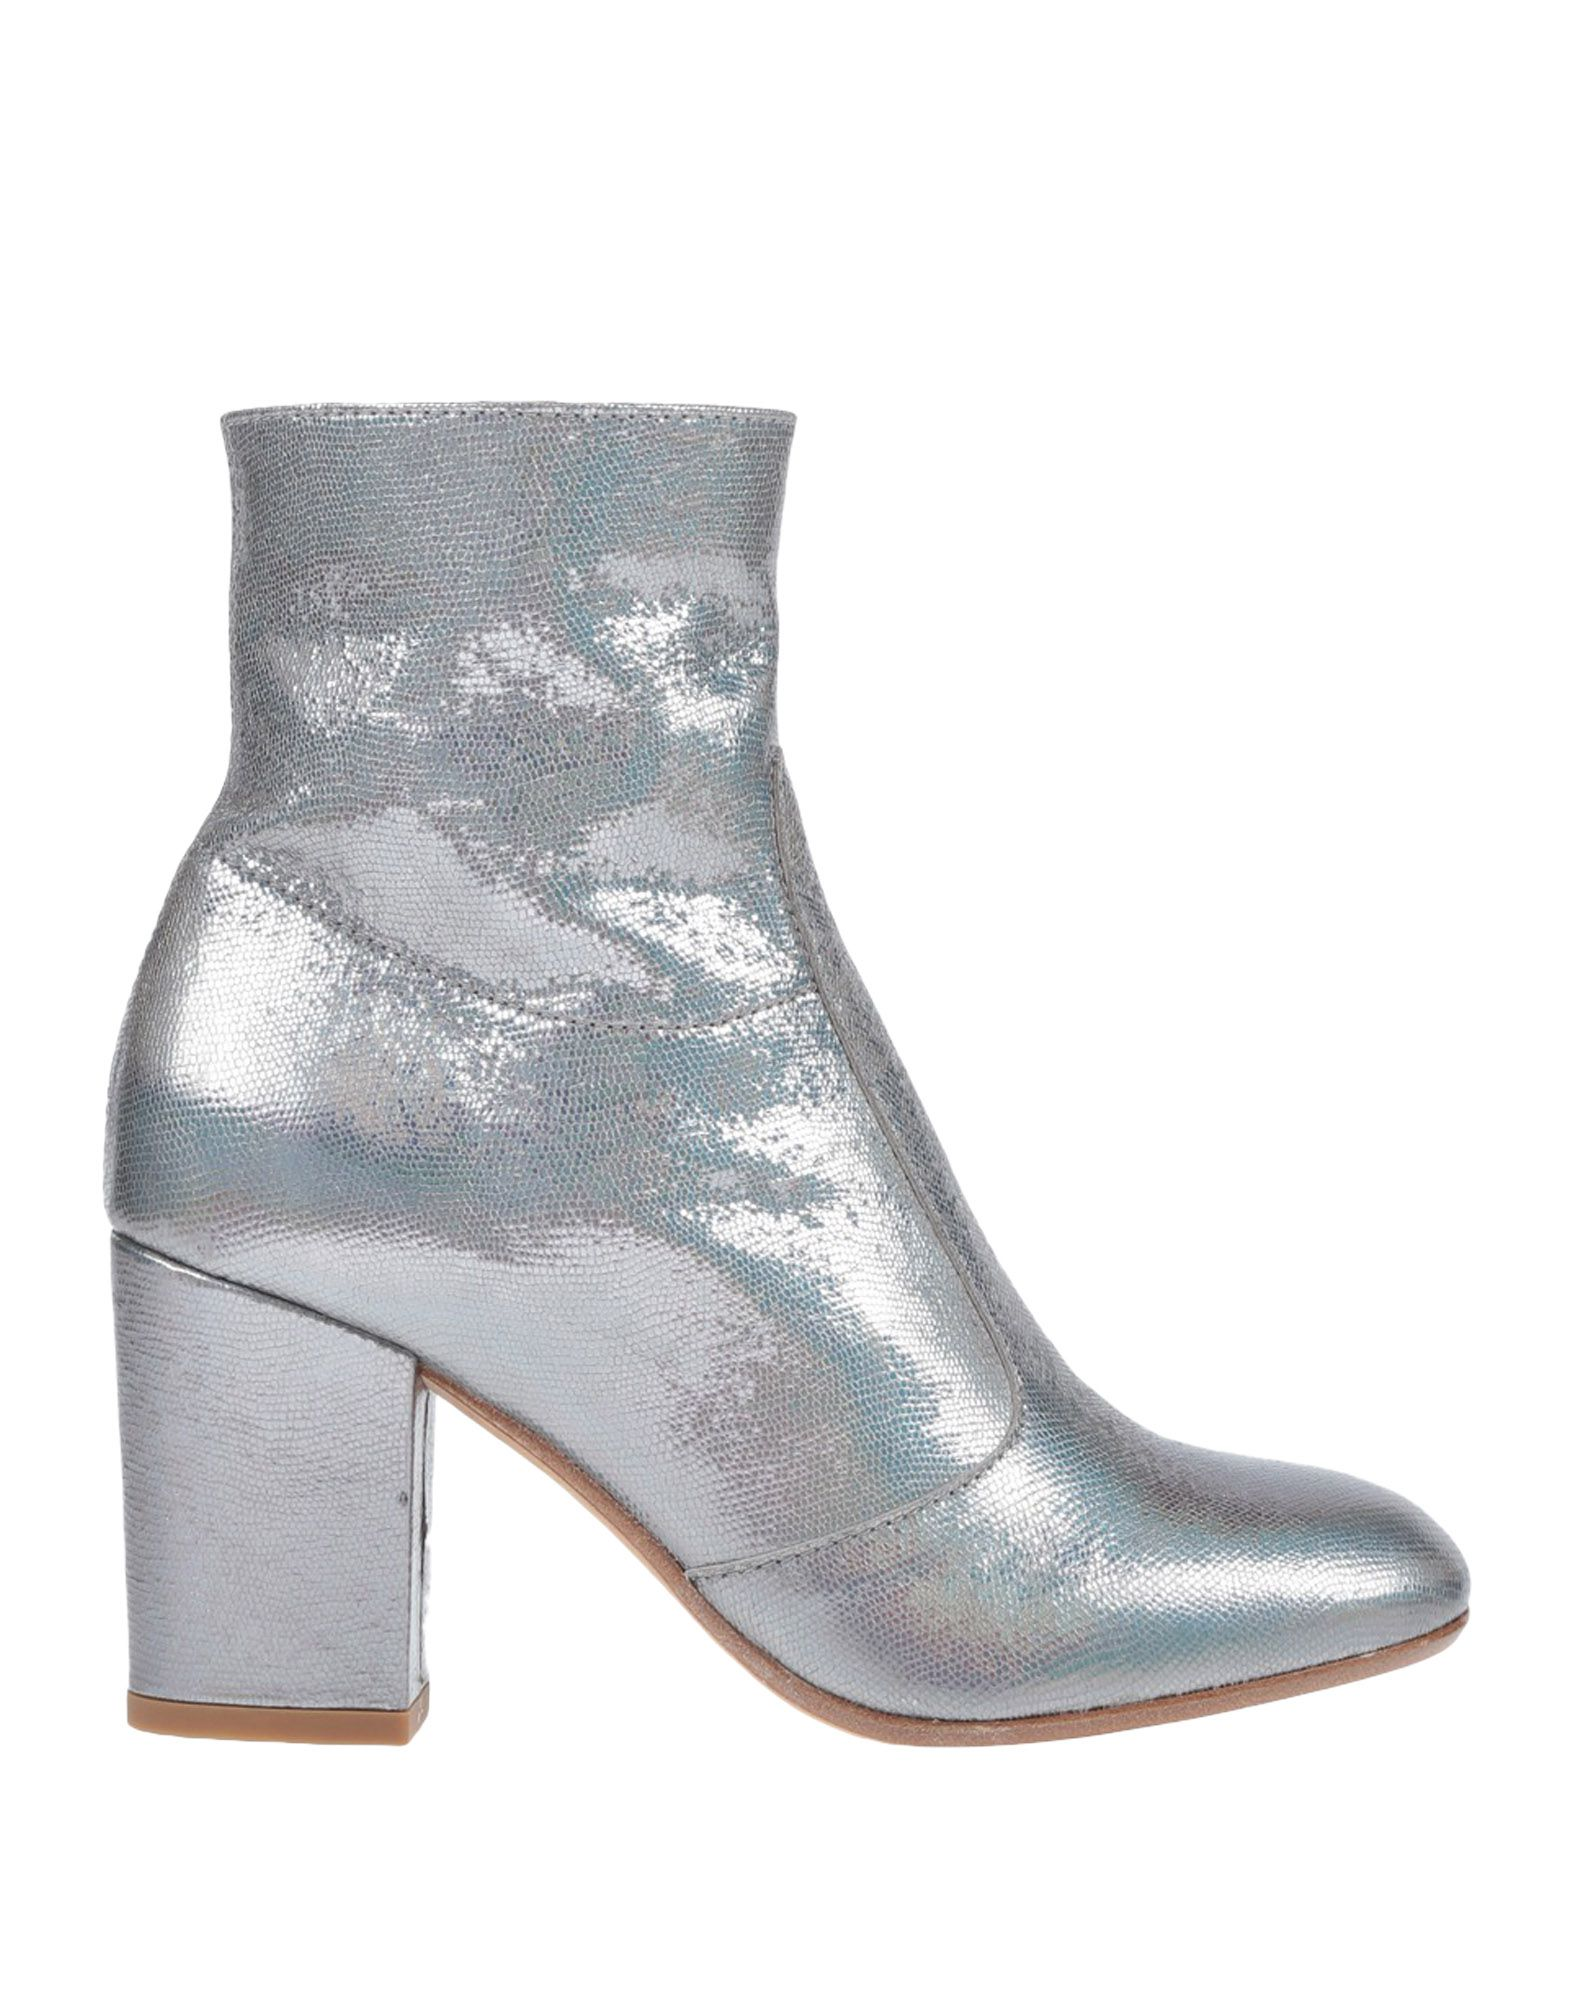 Gut um billige Damen Schuhe zu tragenLemaré Stiefelette Damen billige  11522771IB 571730